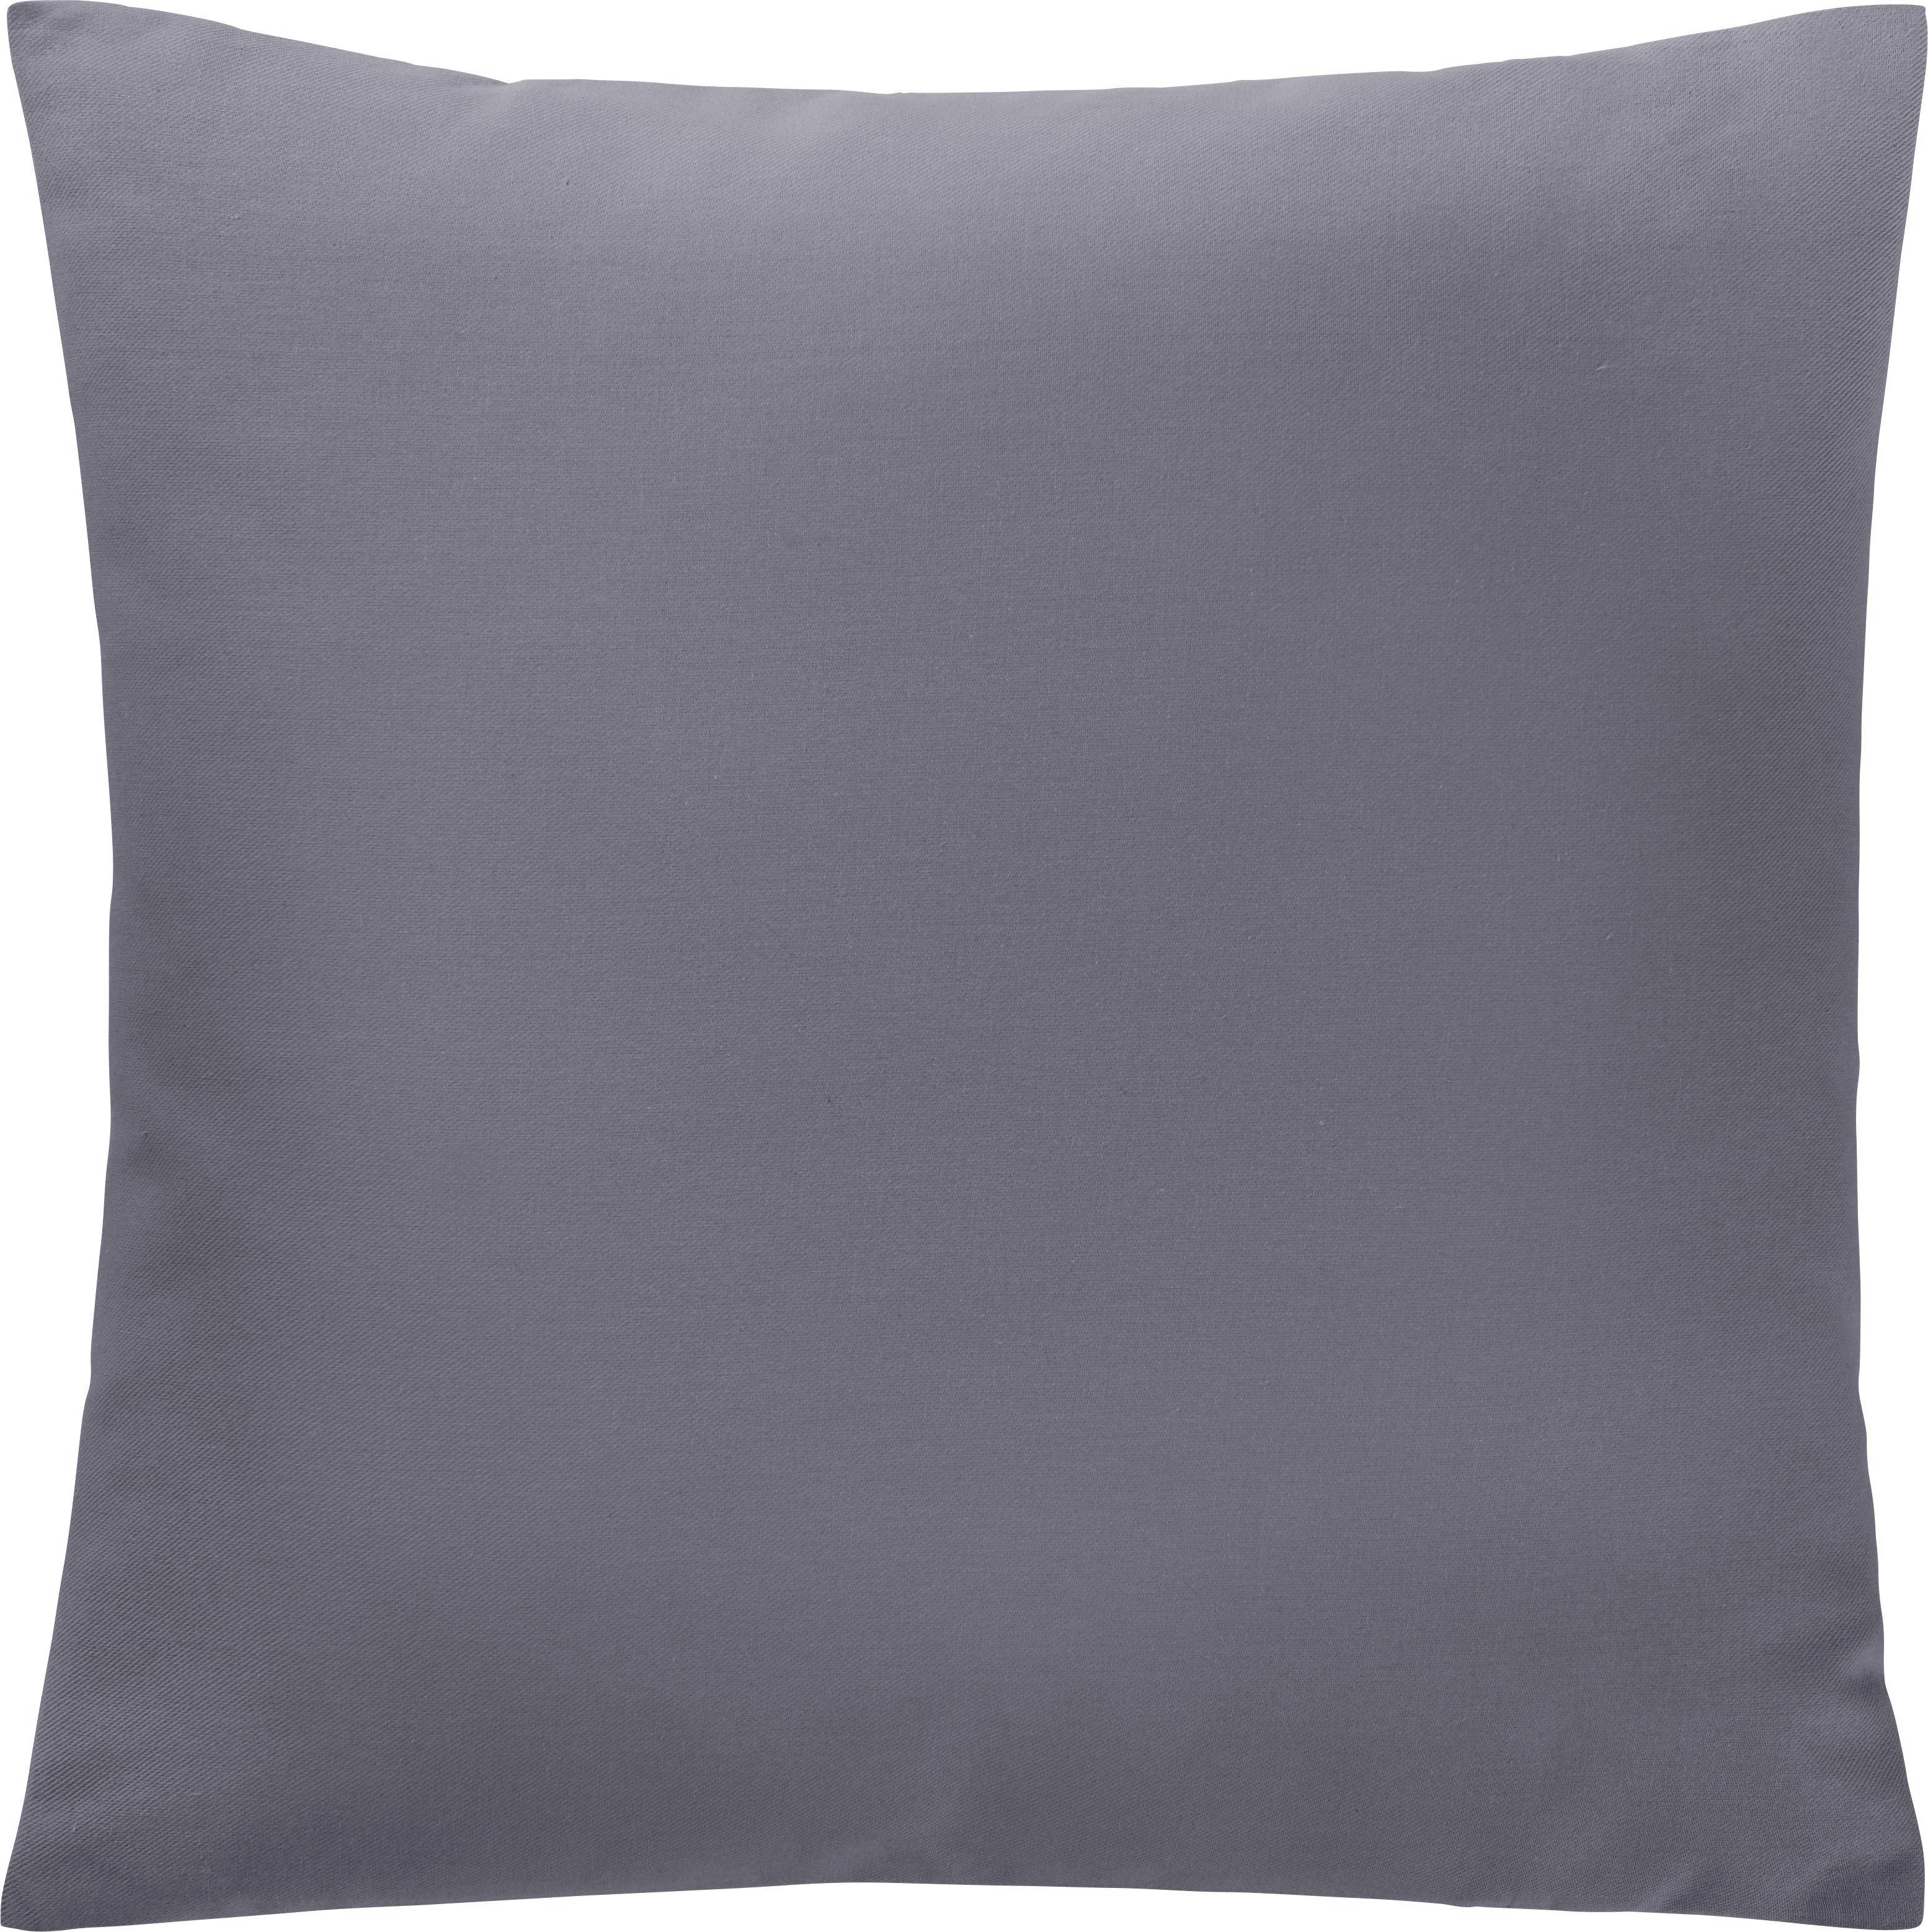 Zierkissen Diane 40x40cm - Grau, KONVENTIONELL, Textil (40/40cm) - MÖMAX modern living